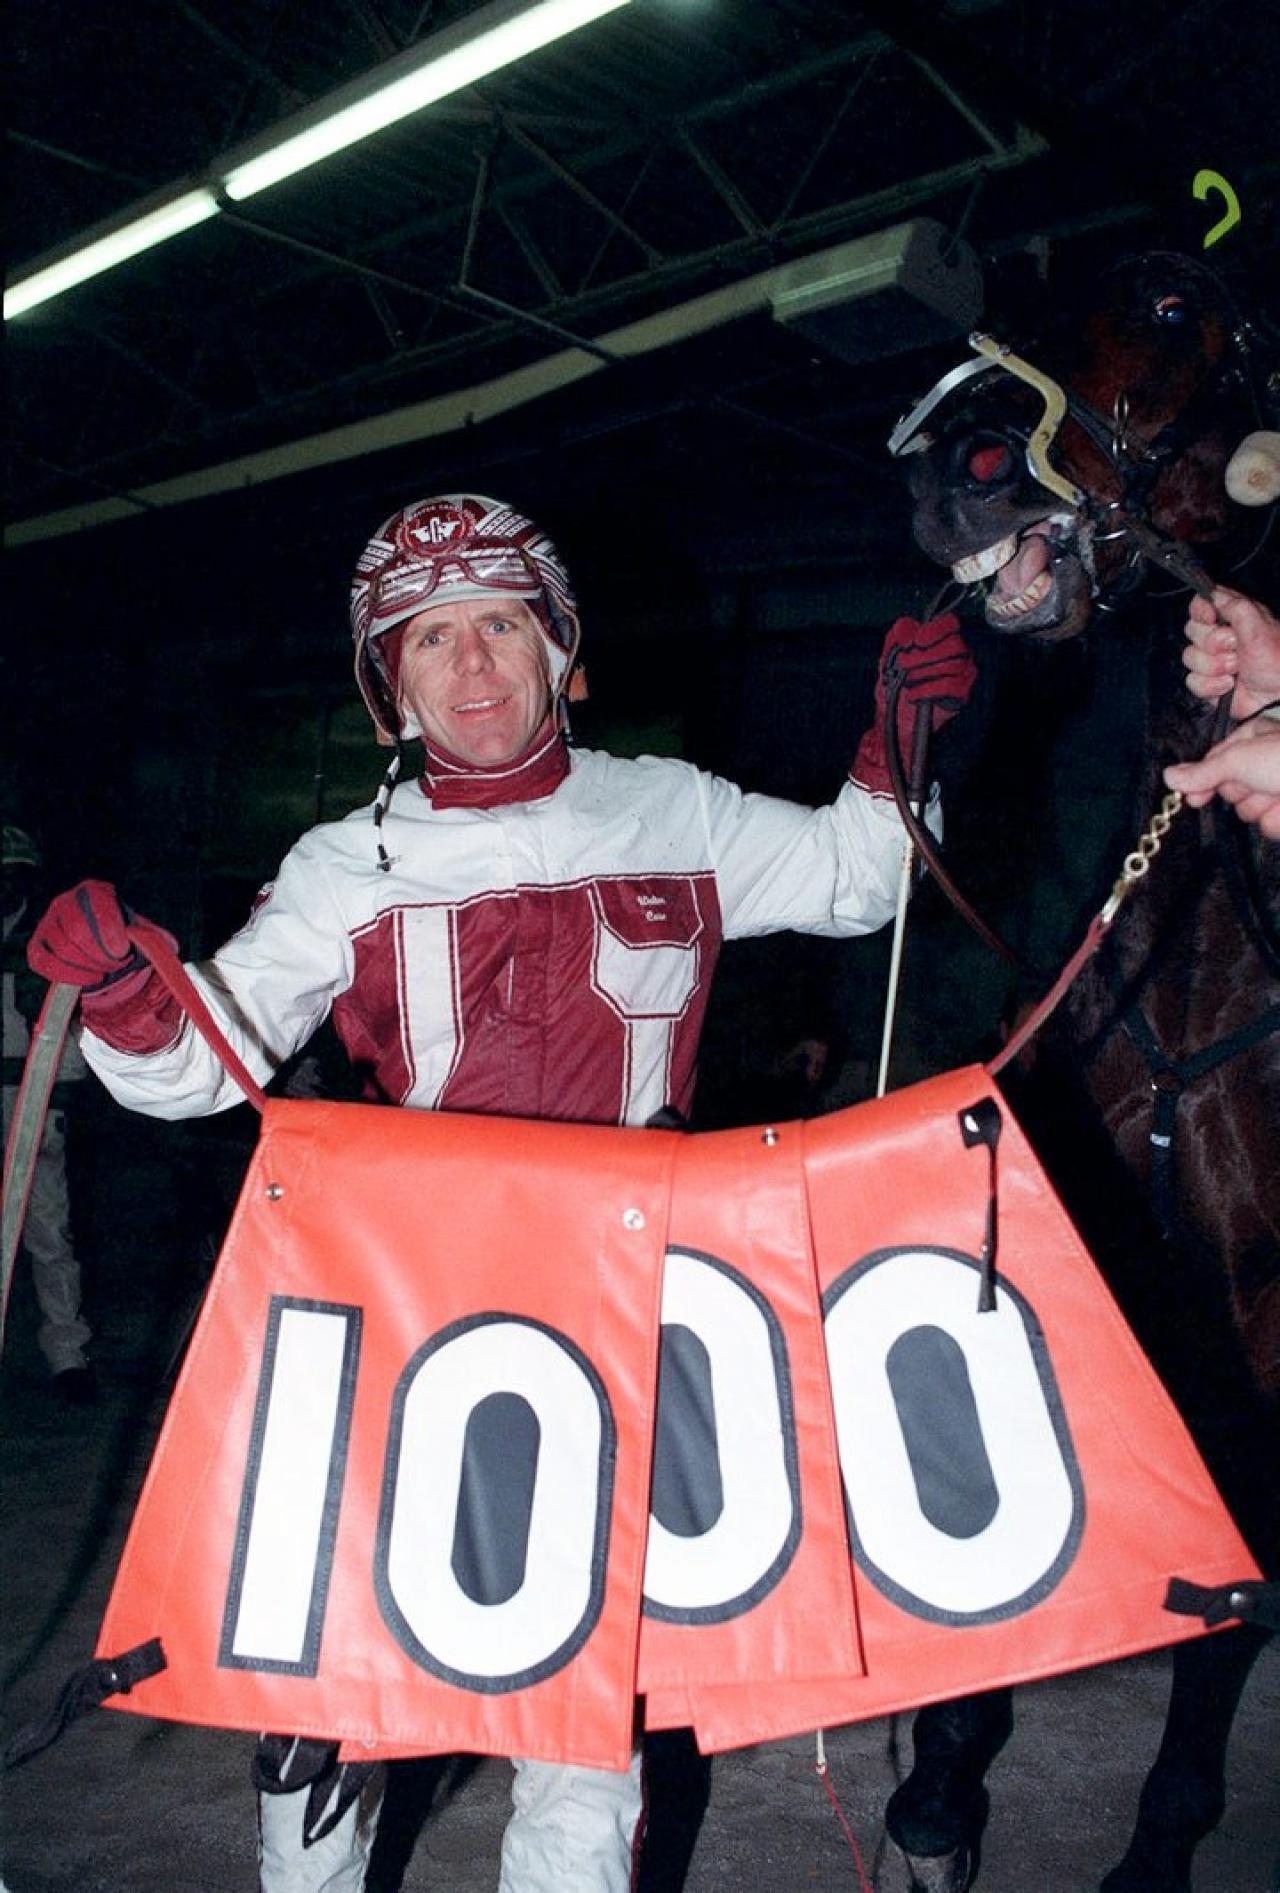 Walter Case Jr. var först i världen till 1.000 segrar en och samma säsong. Foto Stefan Melander/stalltz.se